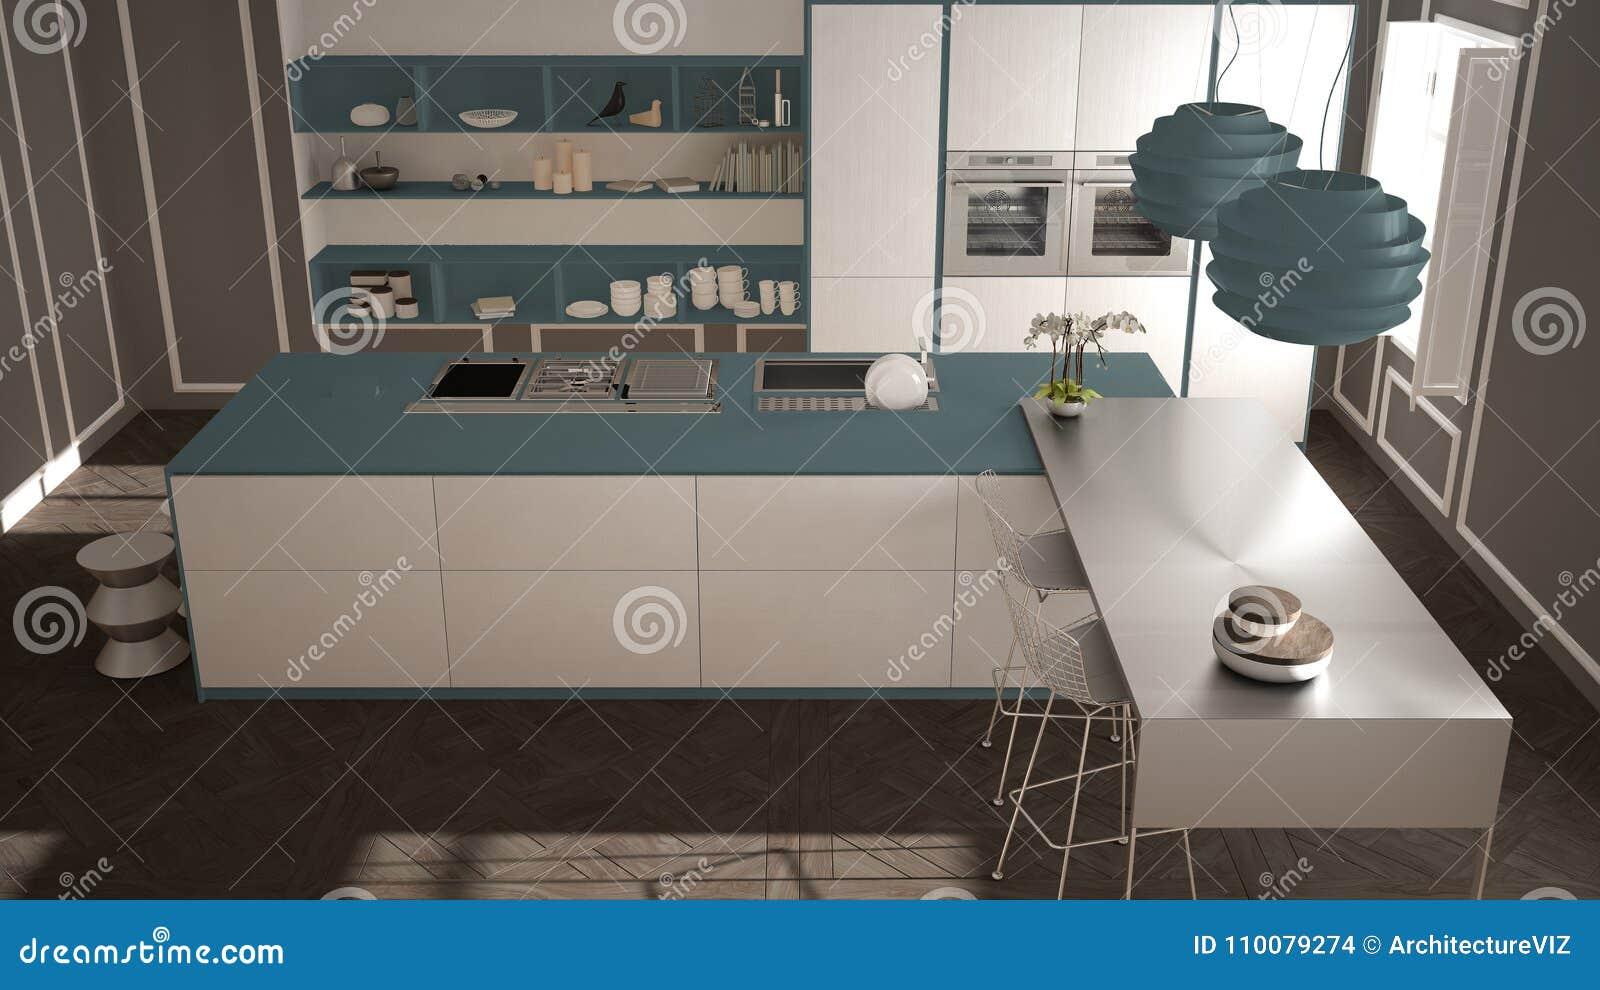 Cozinha Moderna No Interior Cl Ssico Ilha Com Tamboretes E Dois